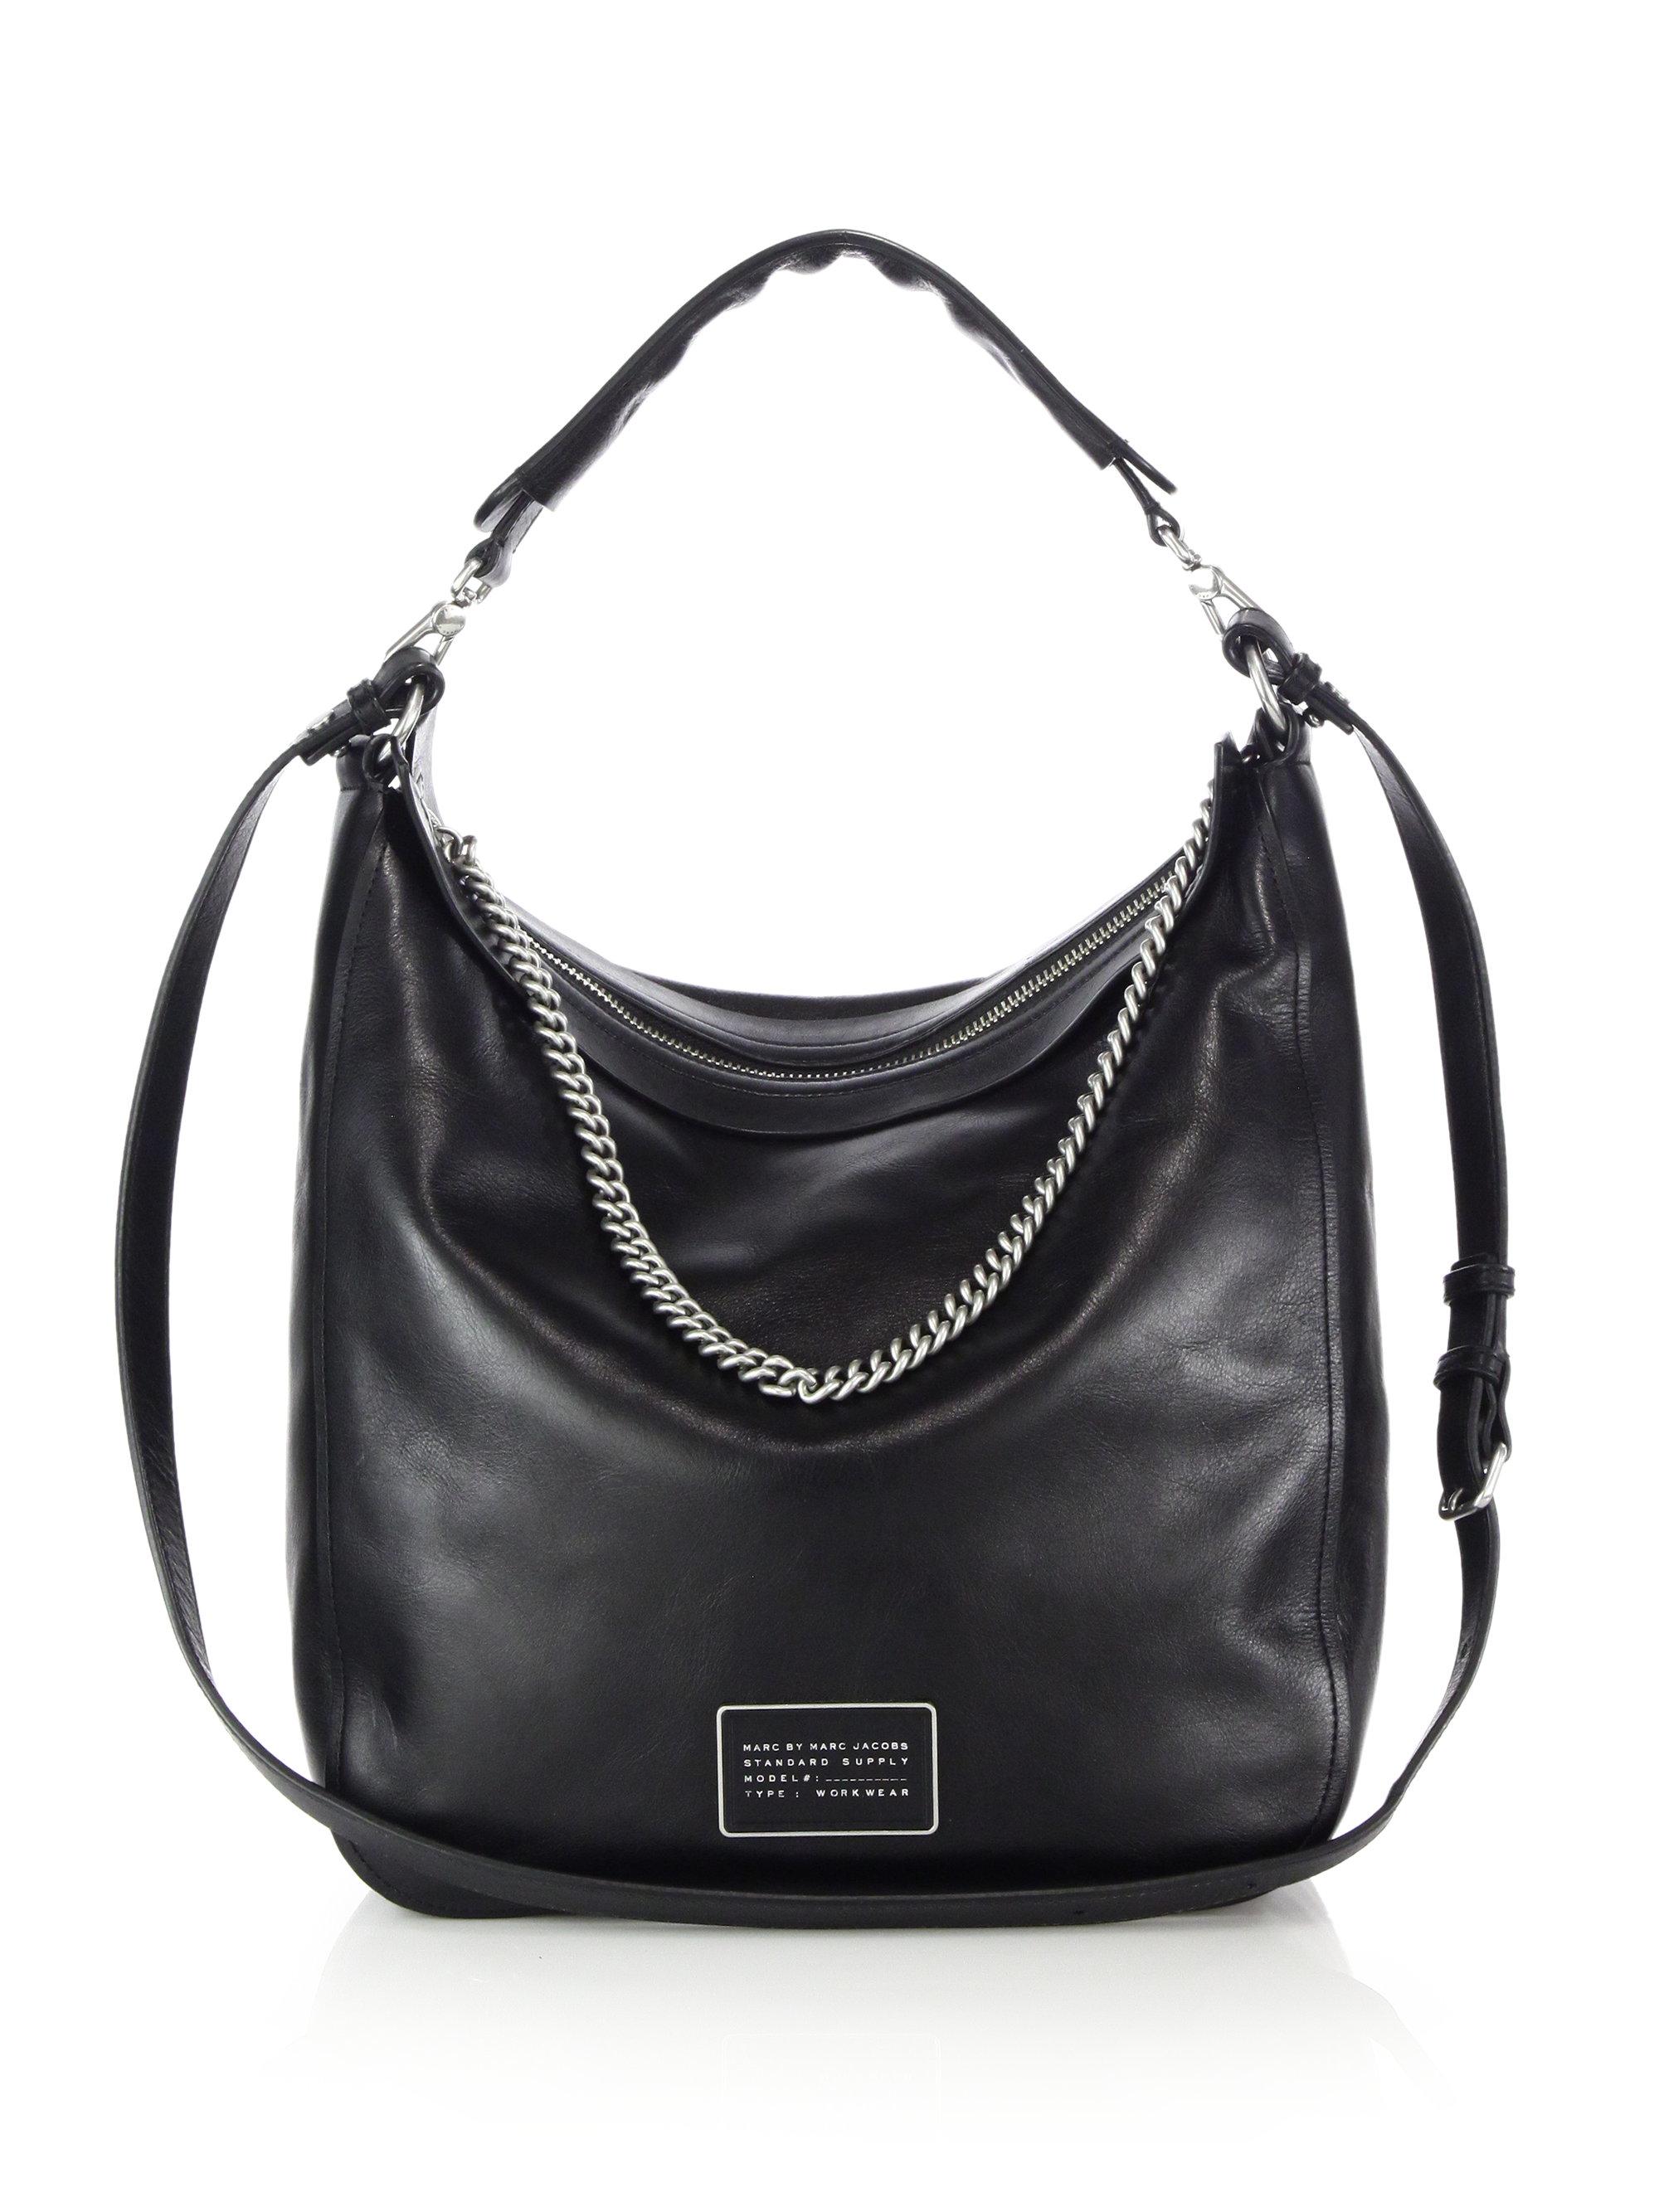 a19f00b49e0f Lyst - Marc By Marc Jacobs Top Of The Chain Leather Hobo Bag in Black